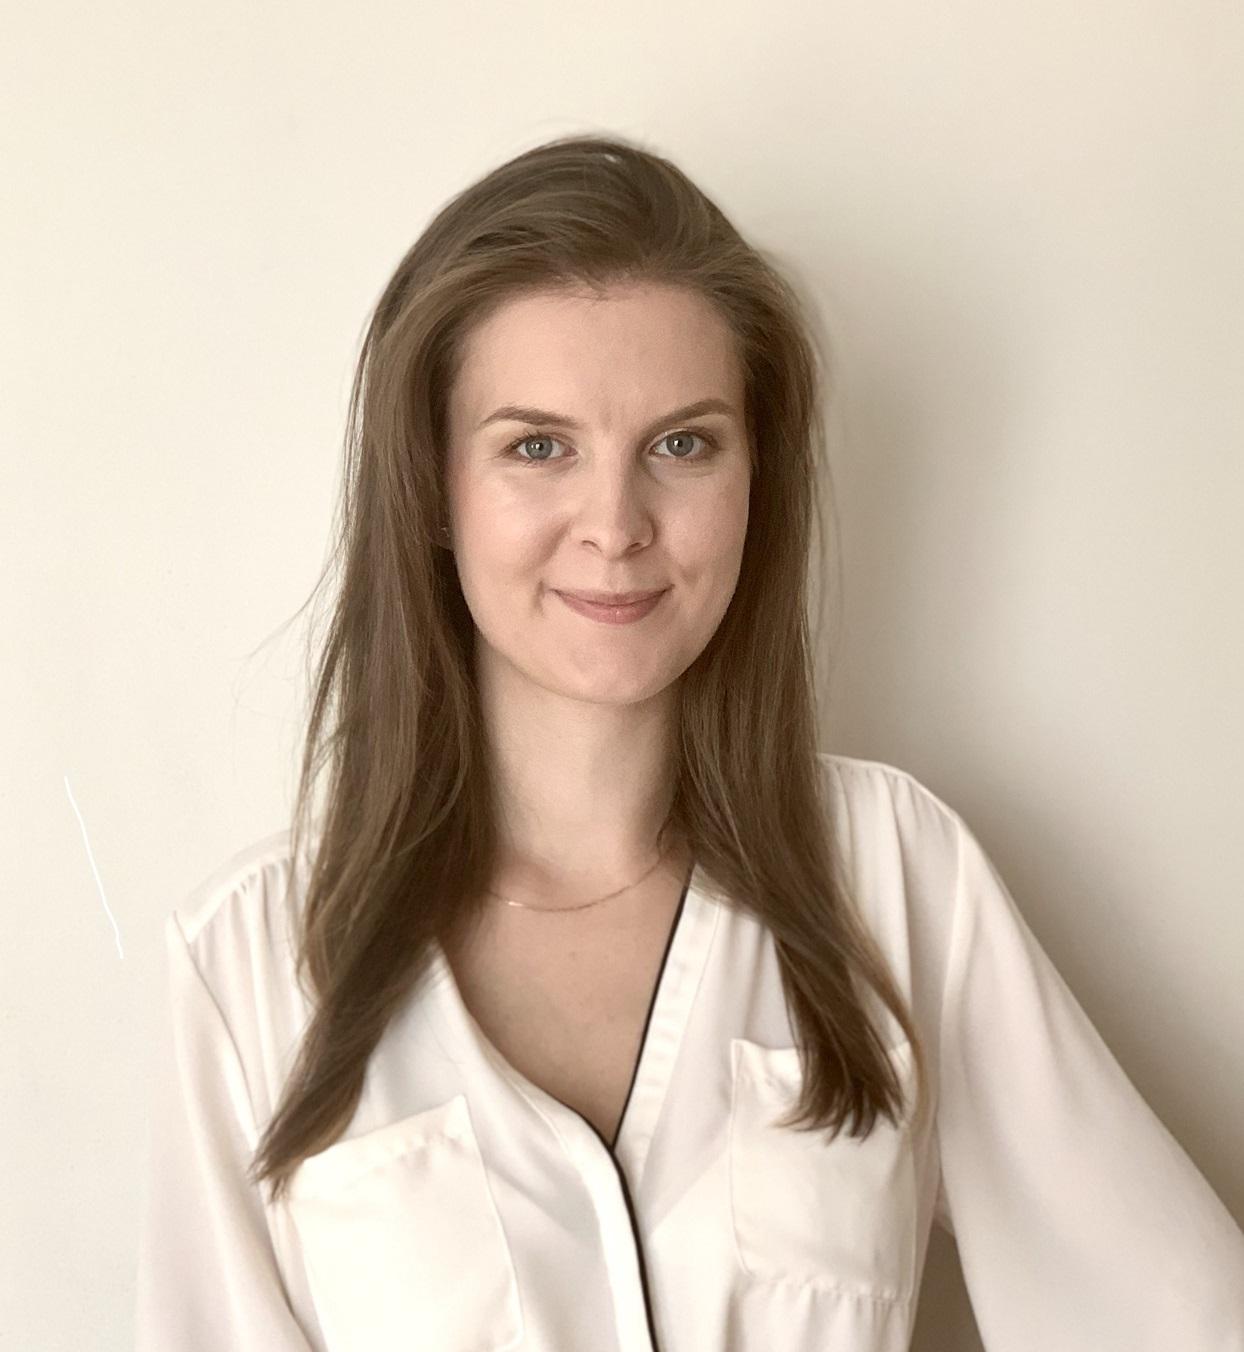 Ewa Chachulska